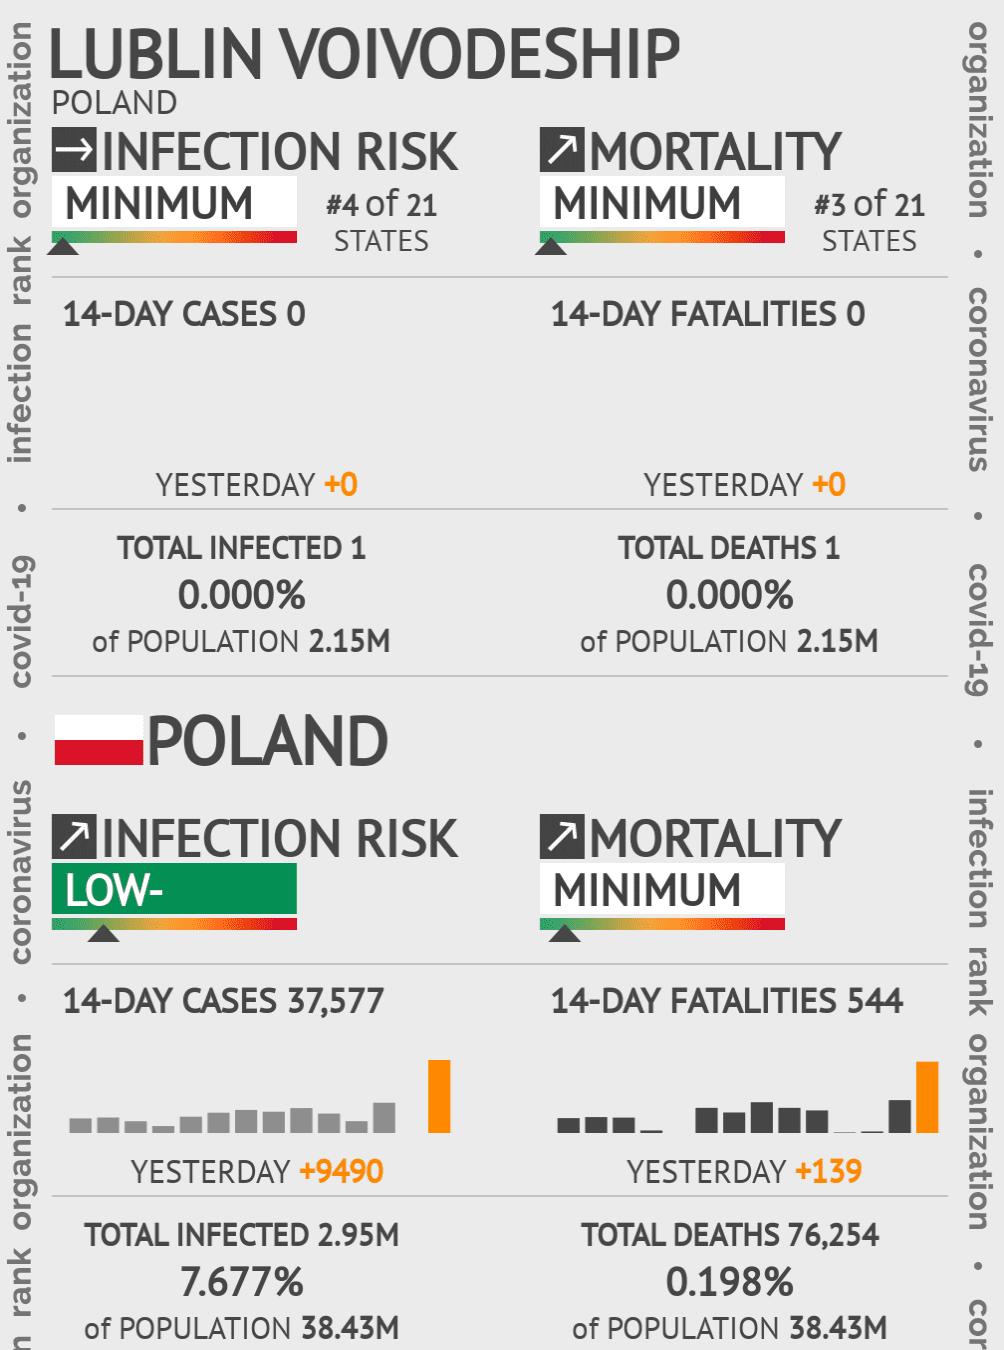 Lublin Voivodeship Coronavirus Covid-19 Risk of Infection on December 11, 2020